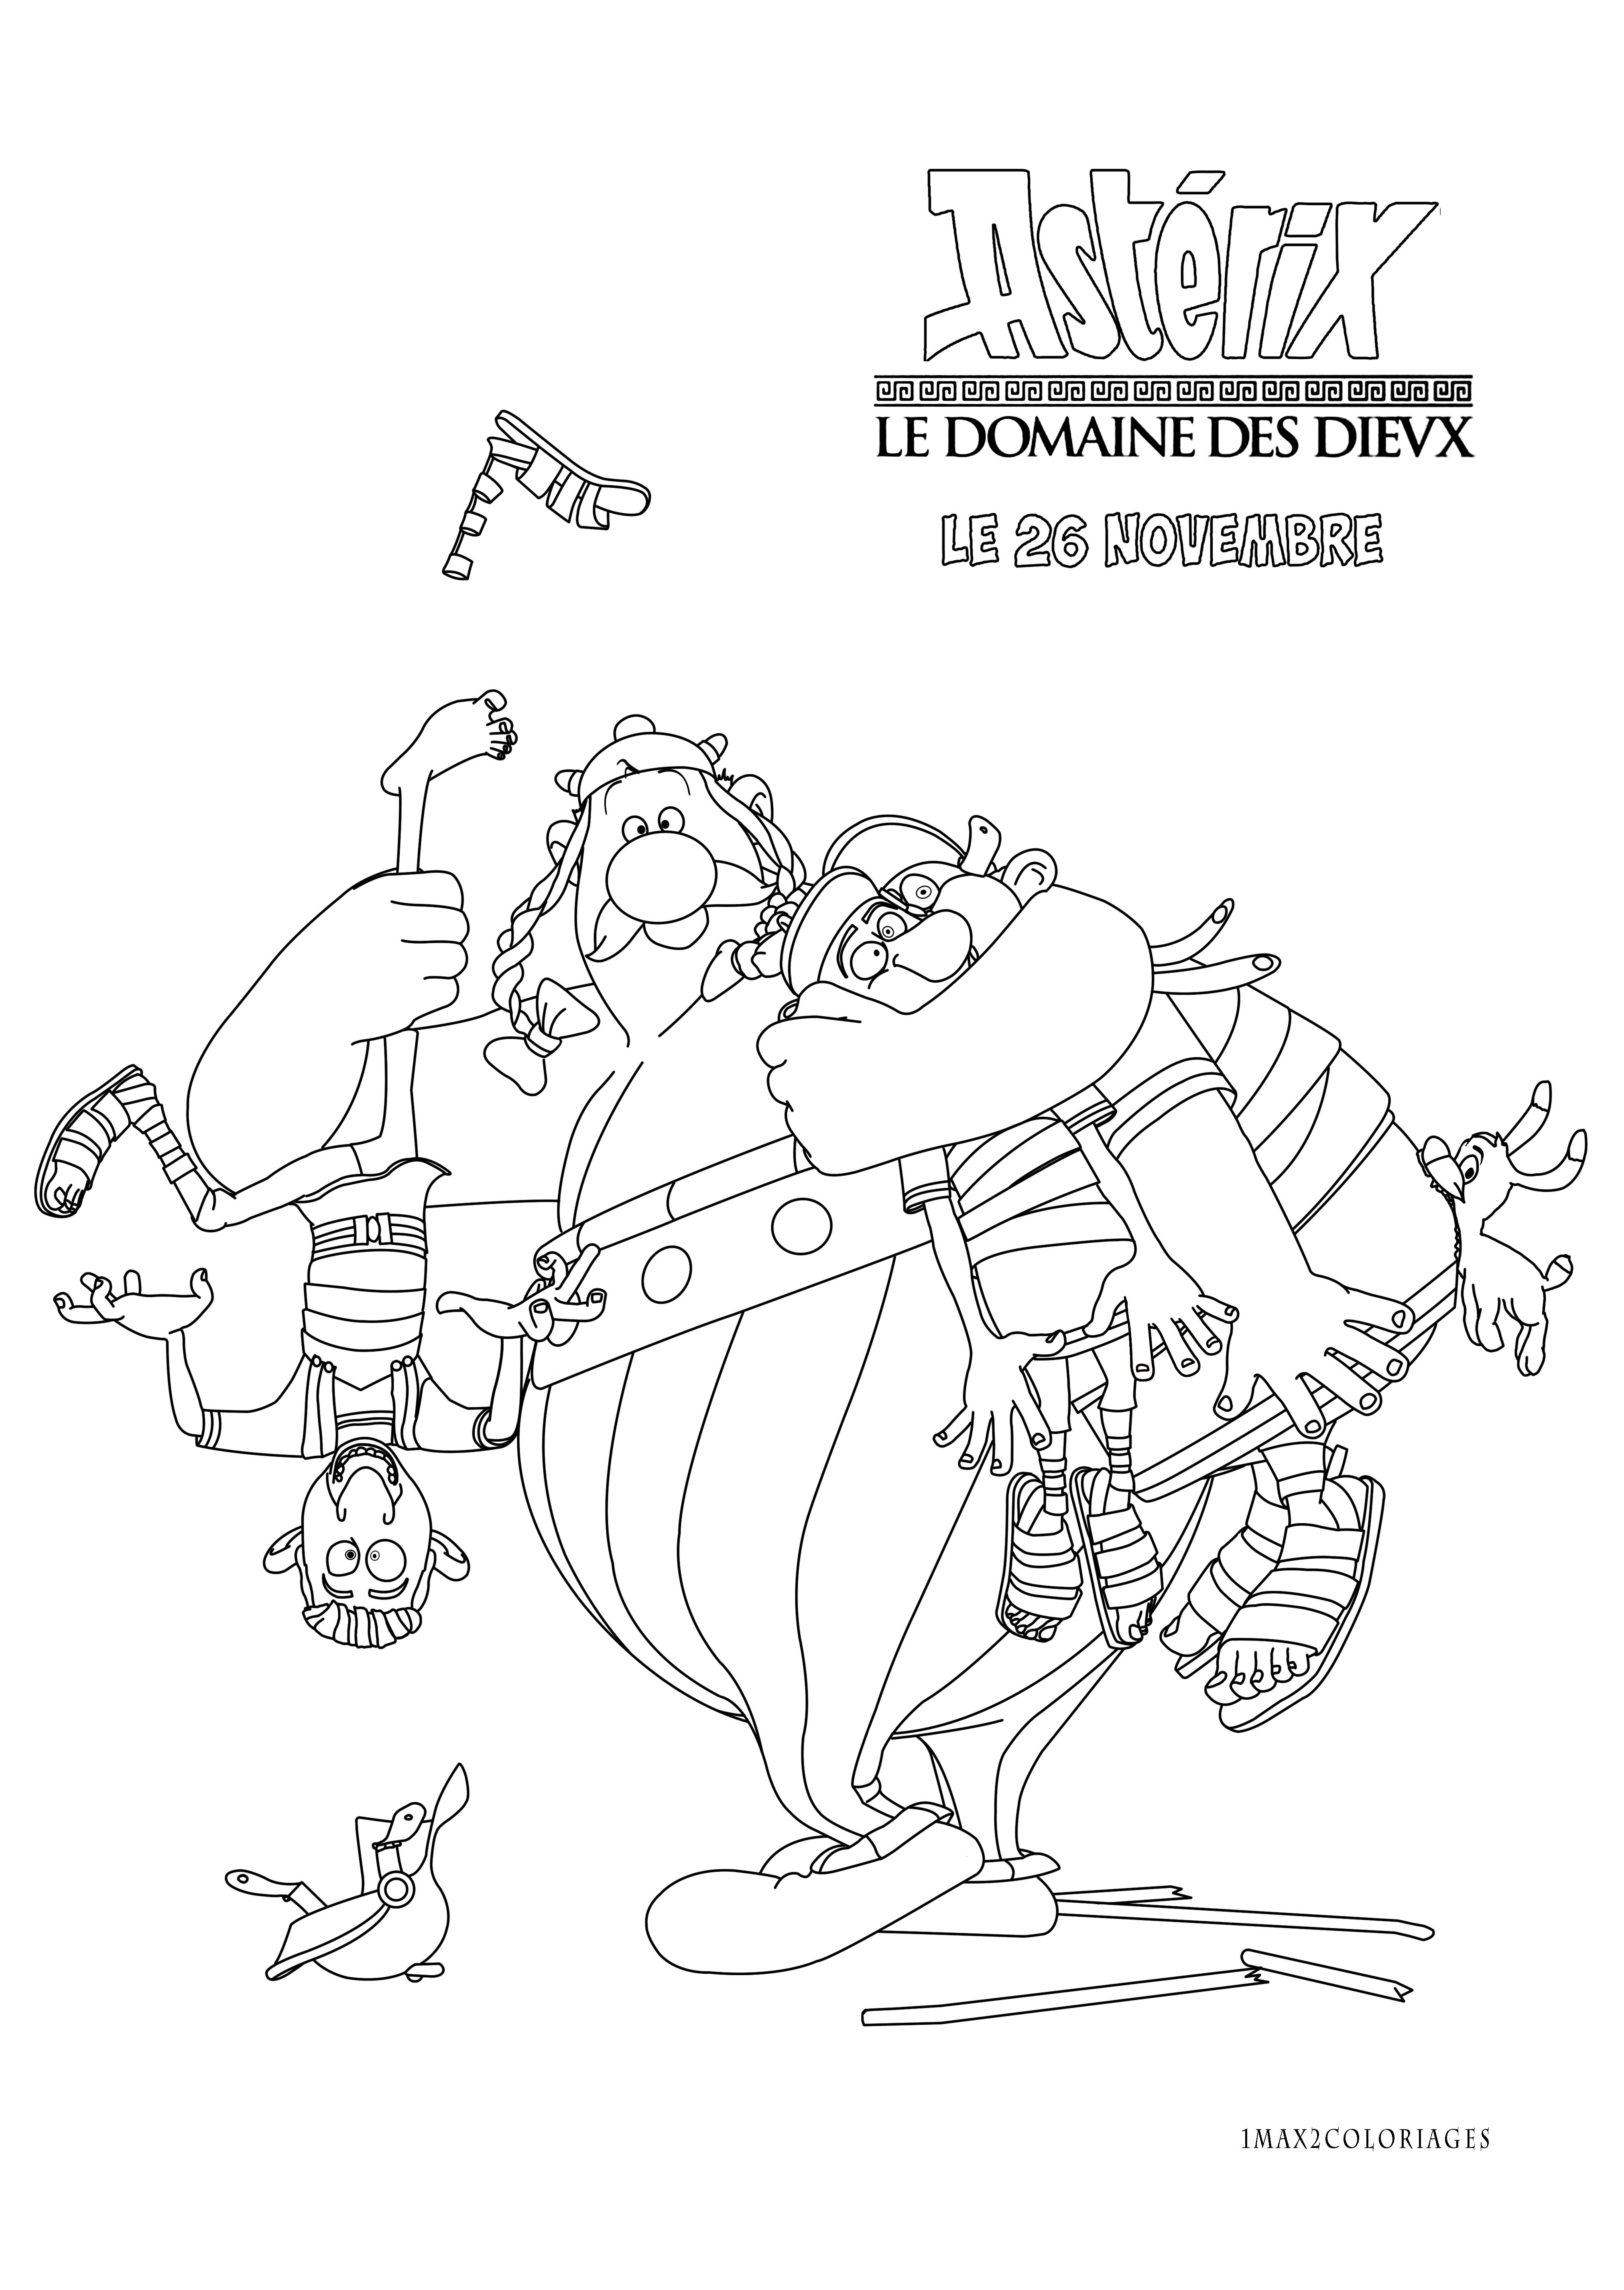 Coloriage Asterix Et Le Domain Des Dieux Obelix Et Deux Romains Un Film Plein De Tendresse